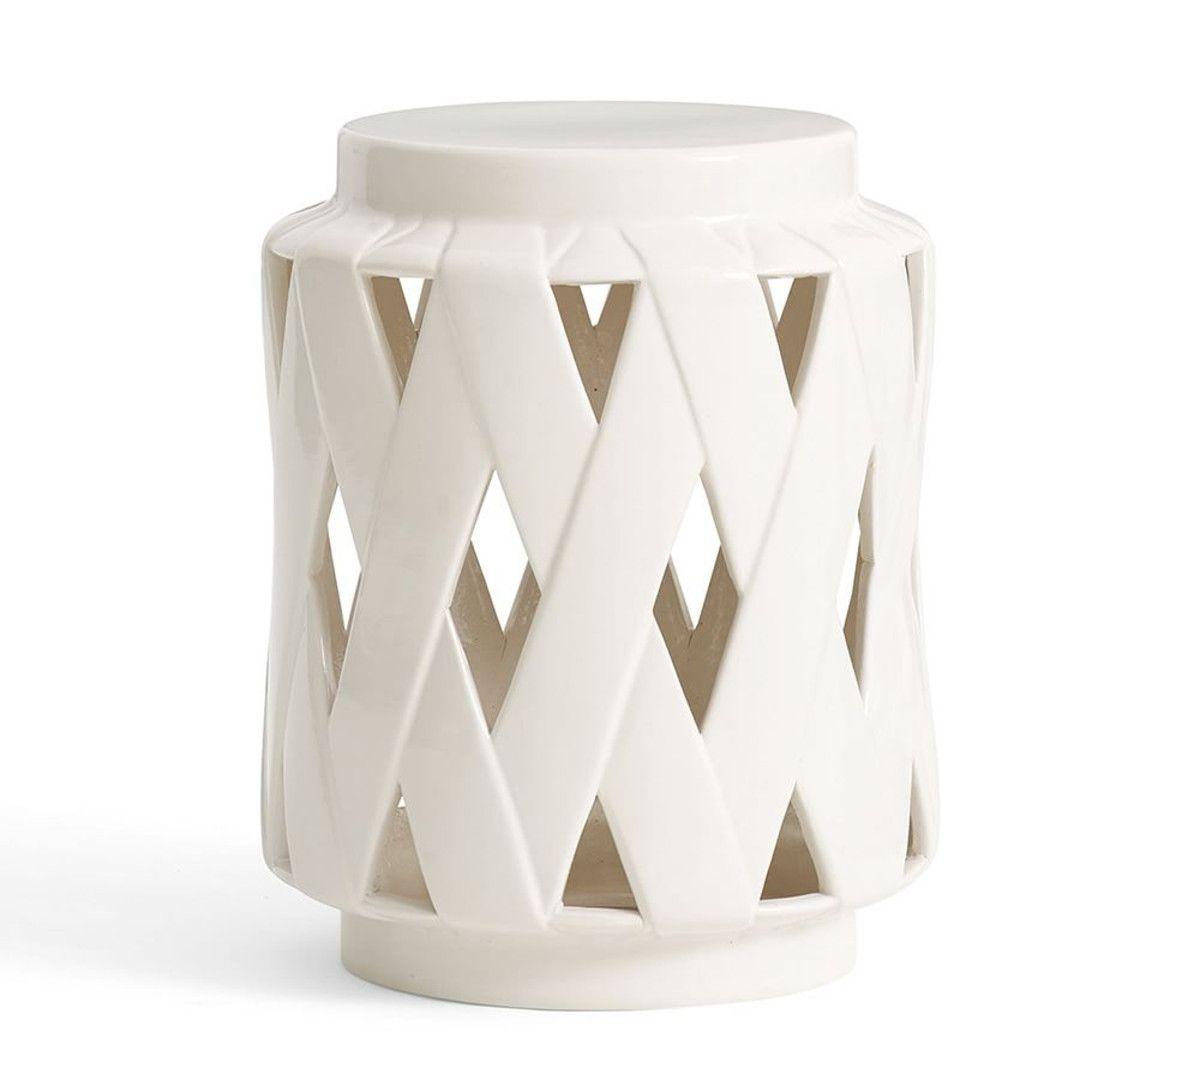 Merveilleux Lattice Ceramic Accent Table